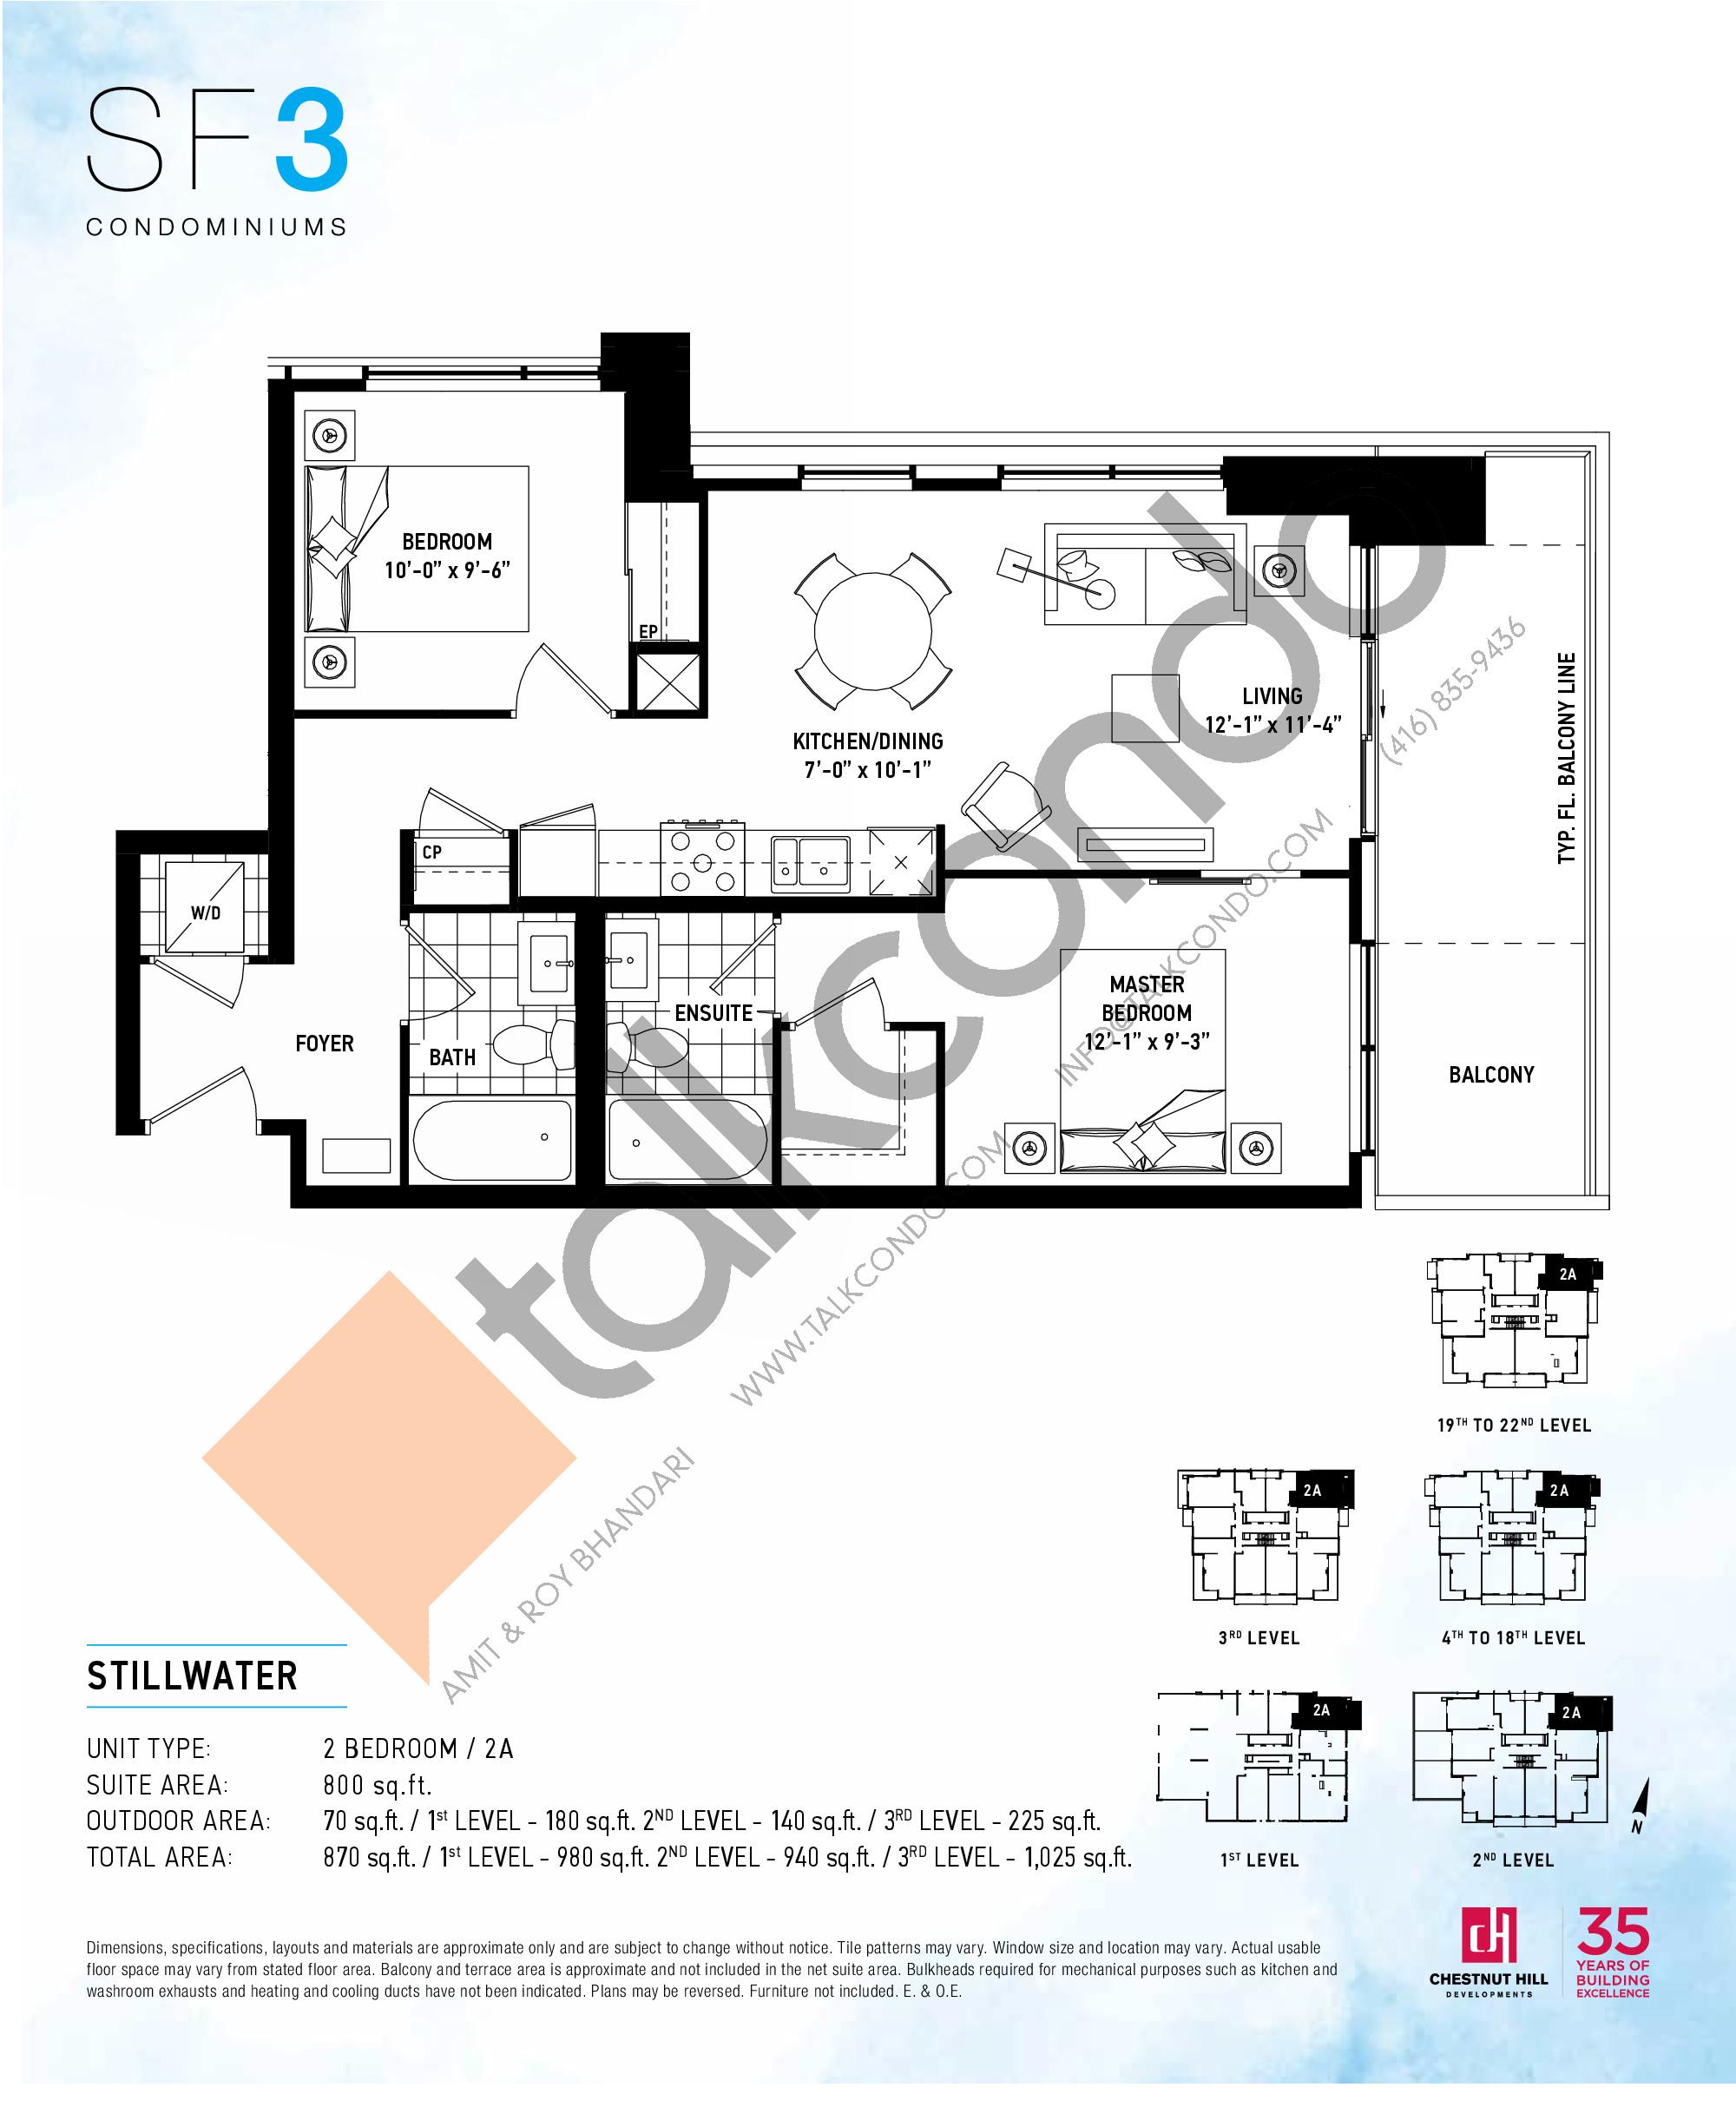 Stillwater Floor Plan at SF3 Condos - 800 sq.ft